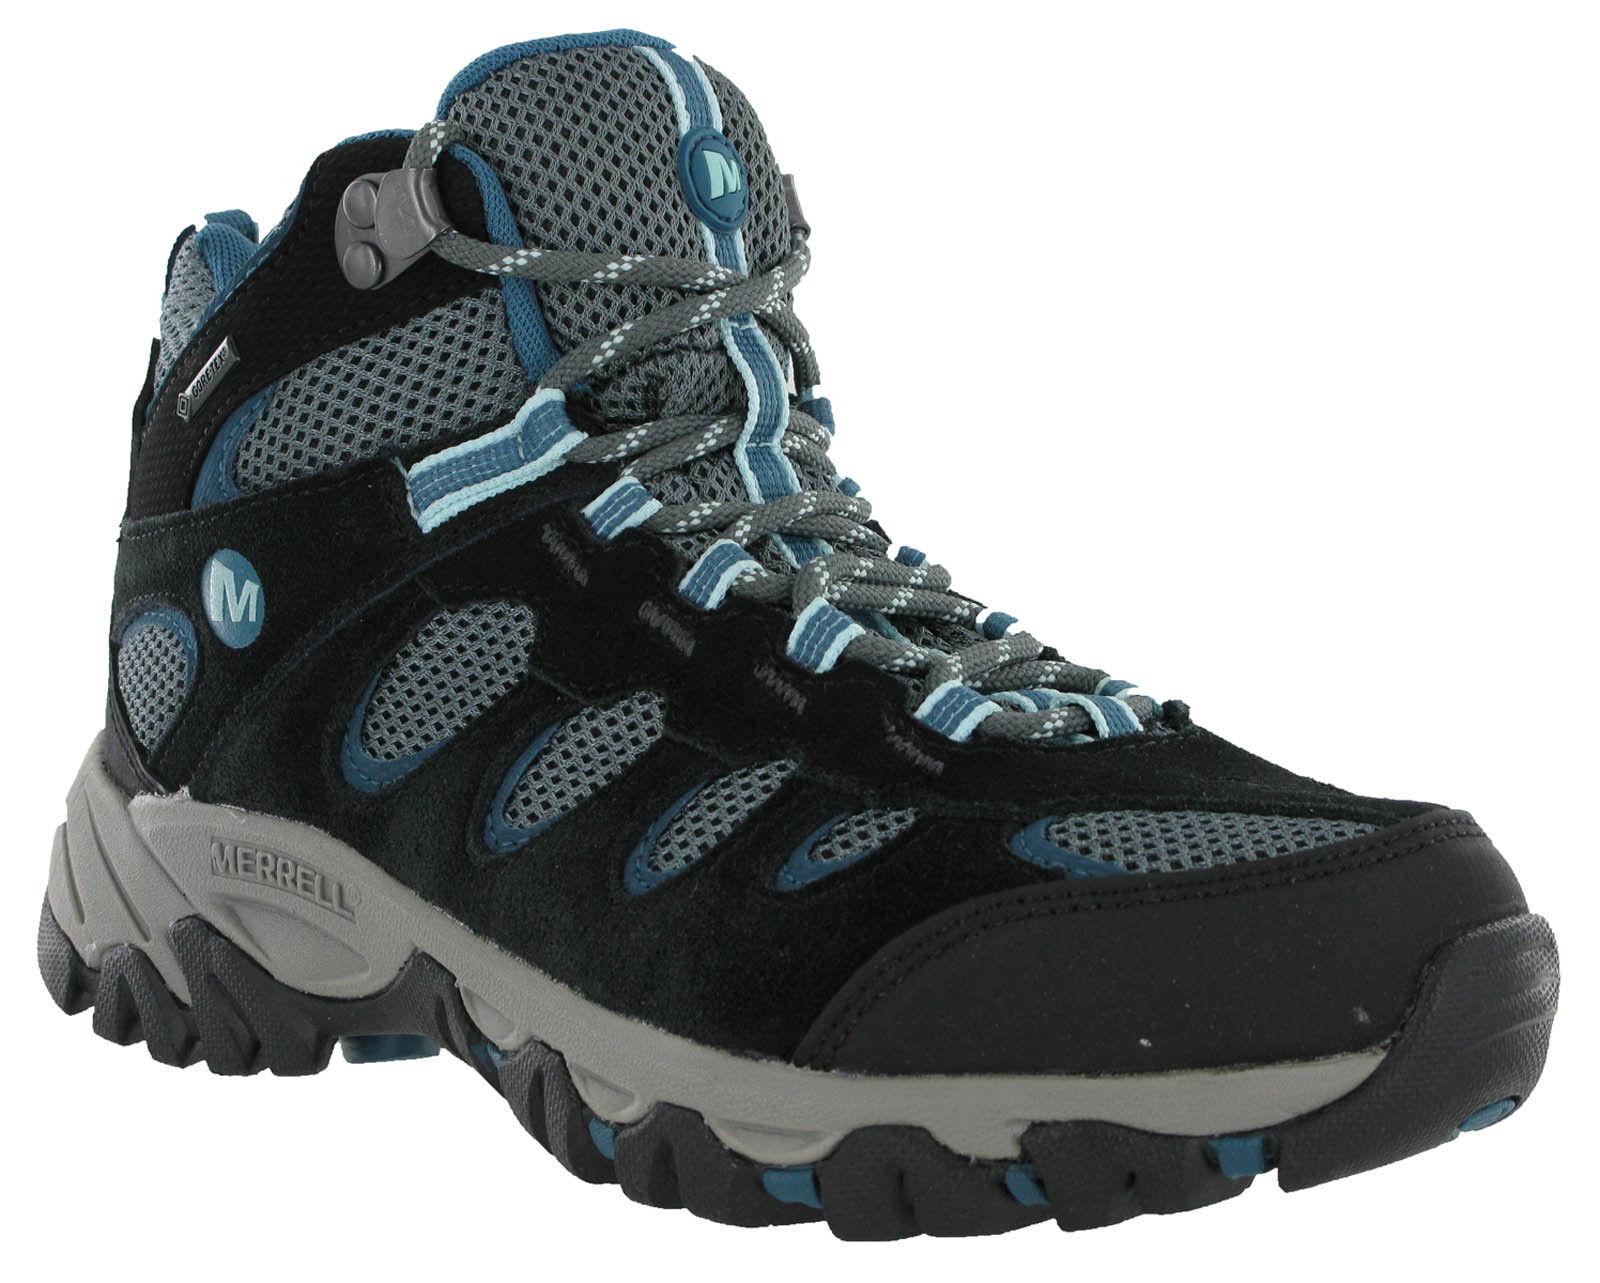 Merrell Ridgepass Mitte Leder Gore-Tex Leder Mitte Maschen Wanderweg Damenstiefel UK3.5-4.5 45c704